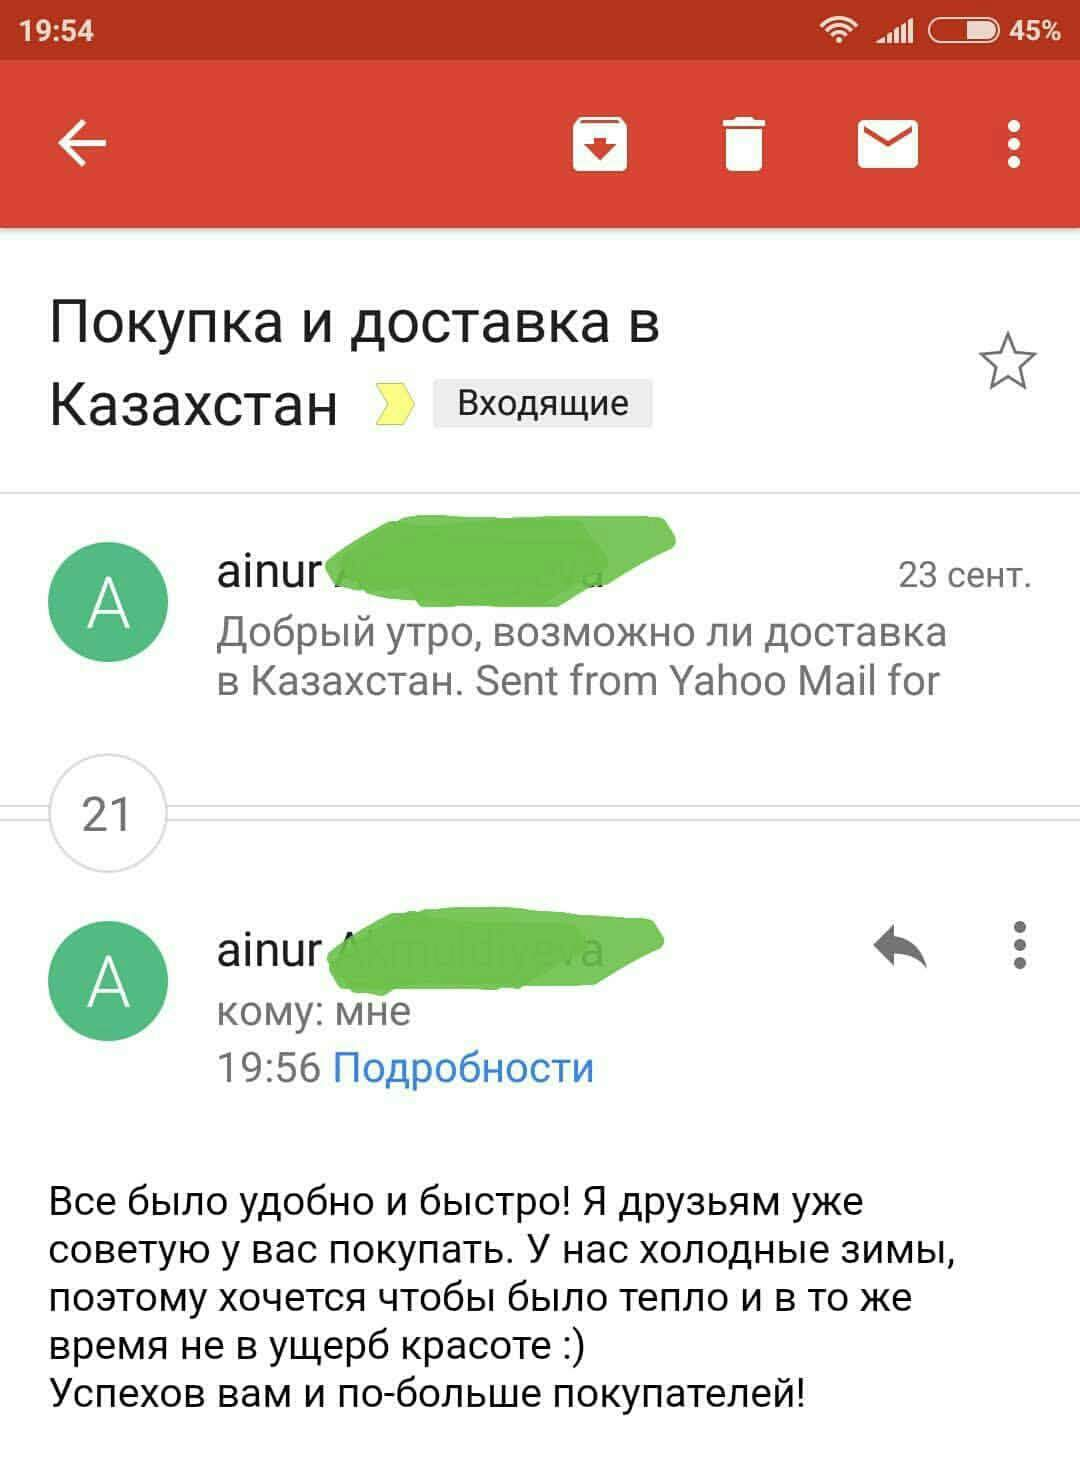 Меховое ателье Скорняковой отзывы